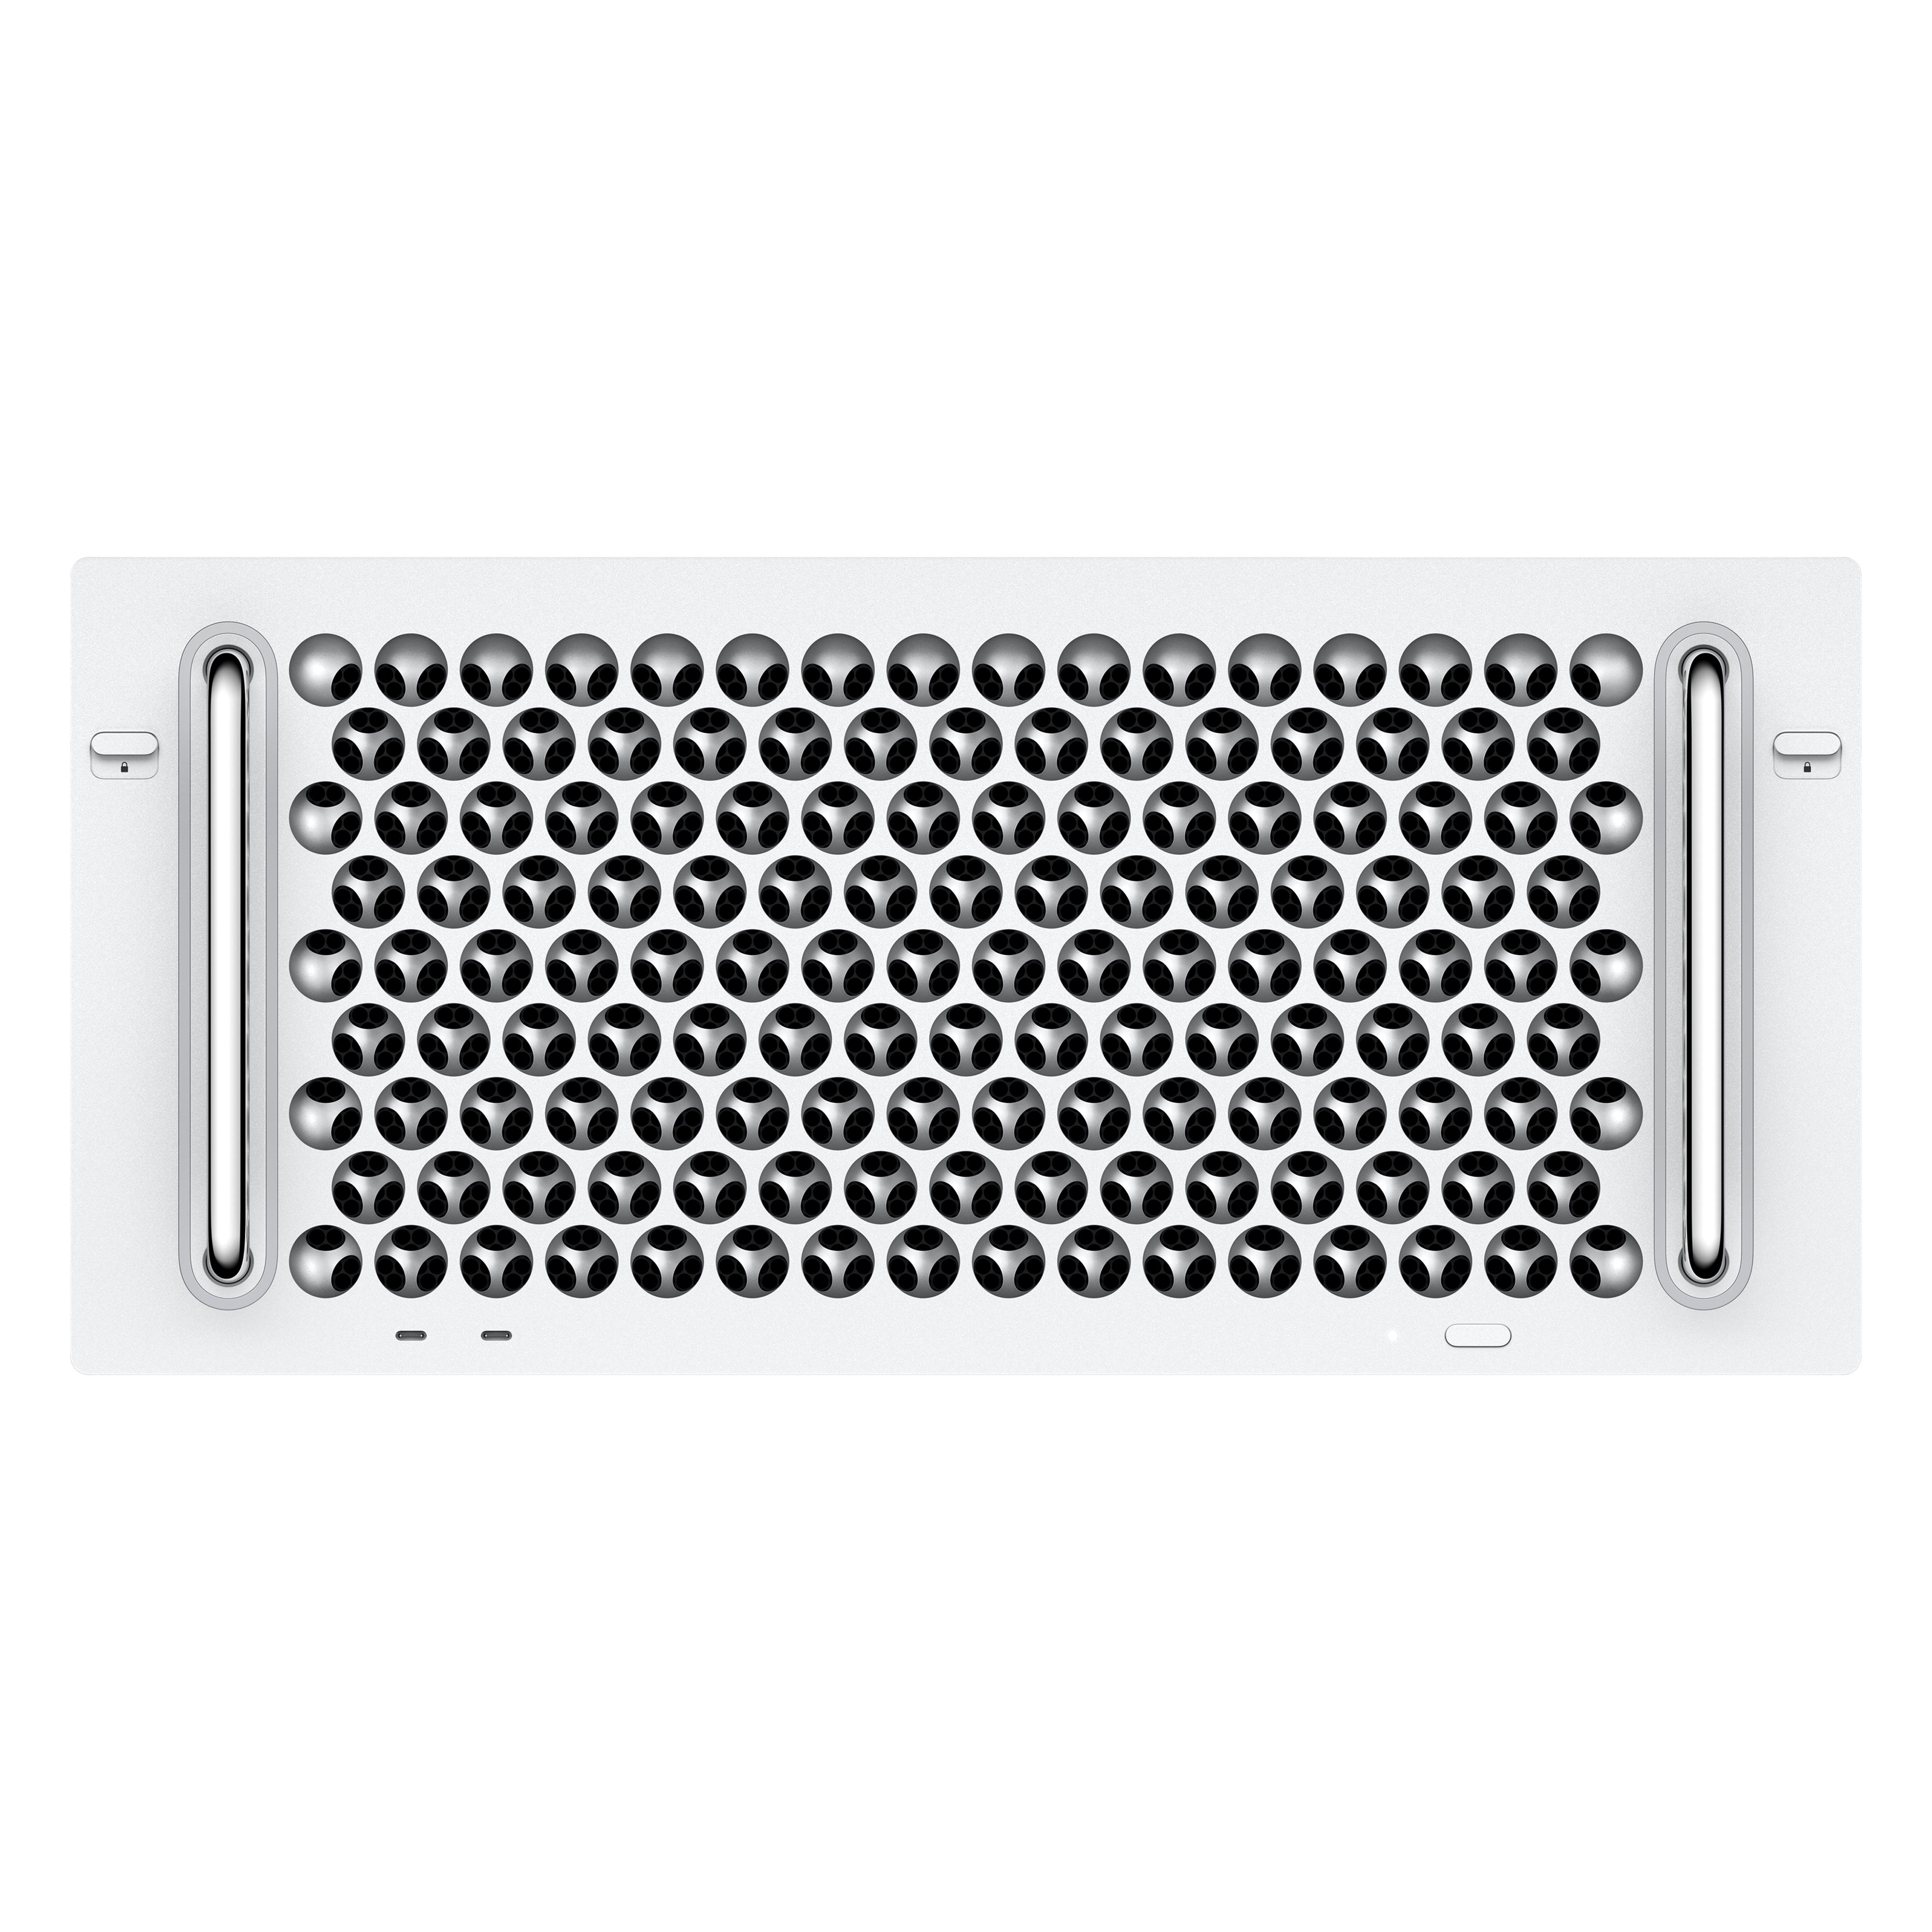 Apple 2020년 Mac Pro 랙 Z0YZ0000M (제논 W-3.5GHz RAM 32GB SSD 256GB Radeon Pro 580X 8GB) + 매직마우스2 + 키보드